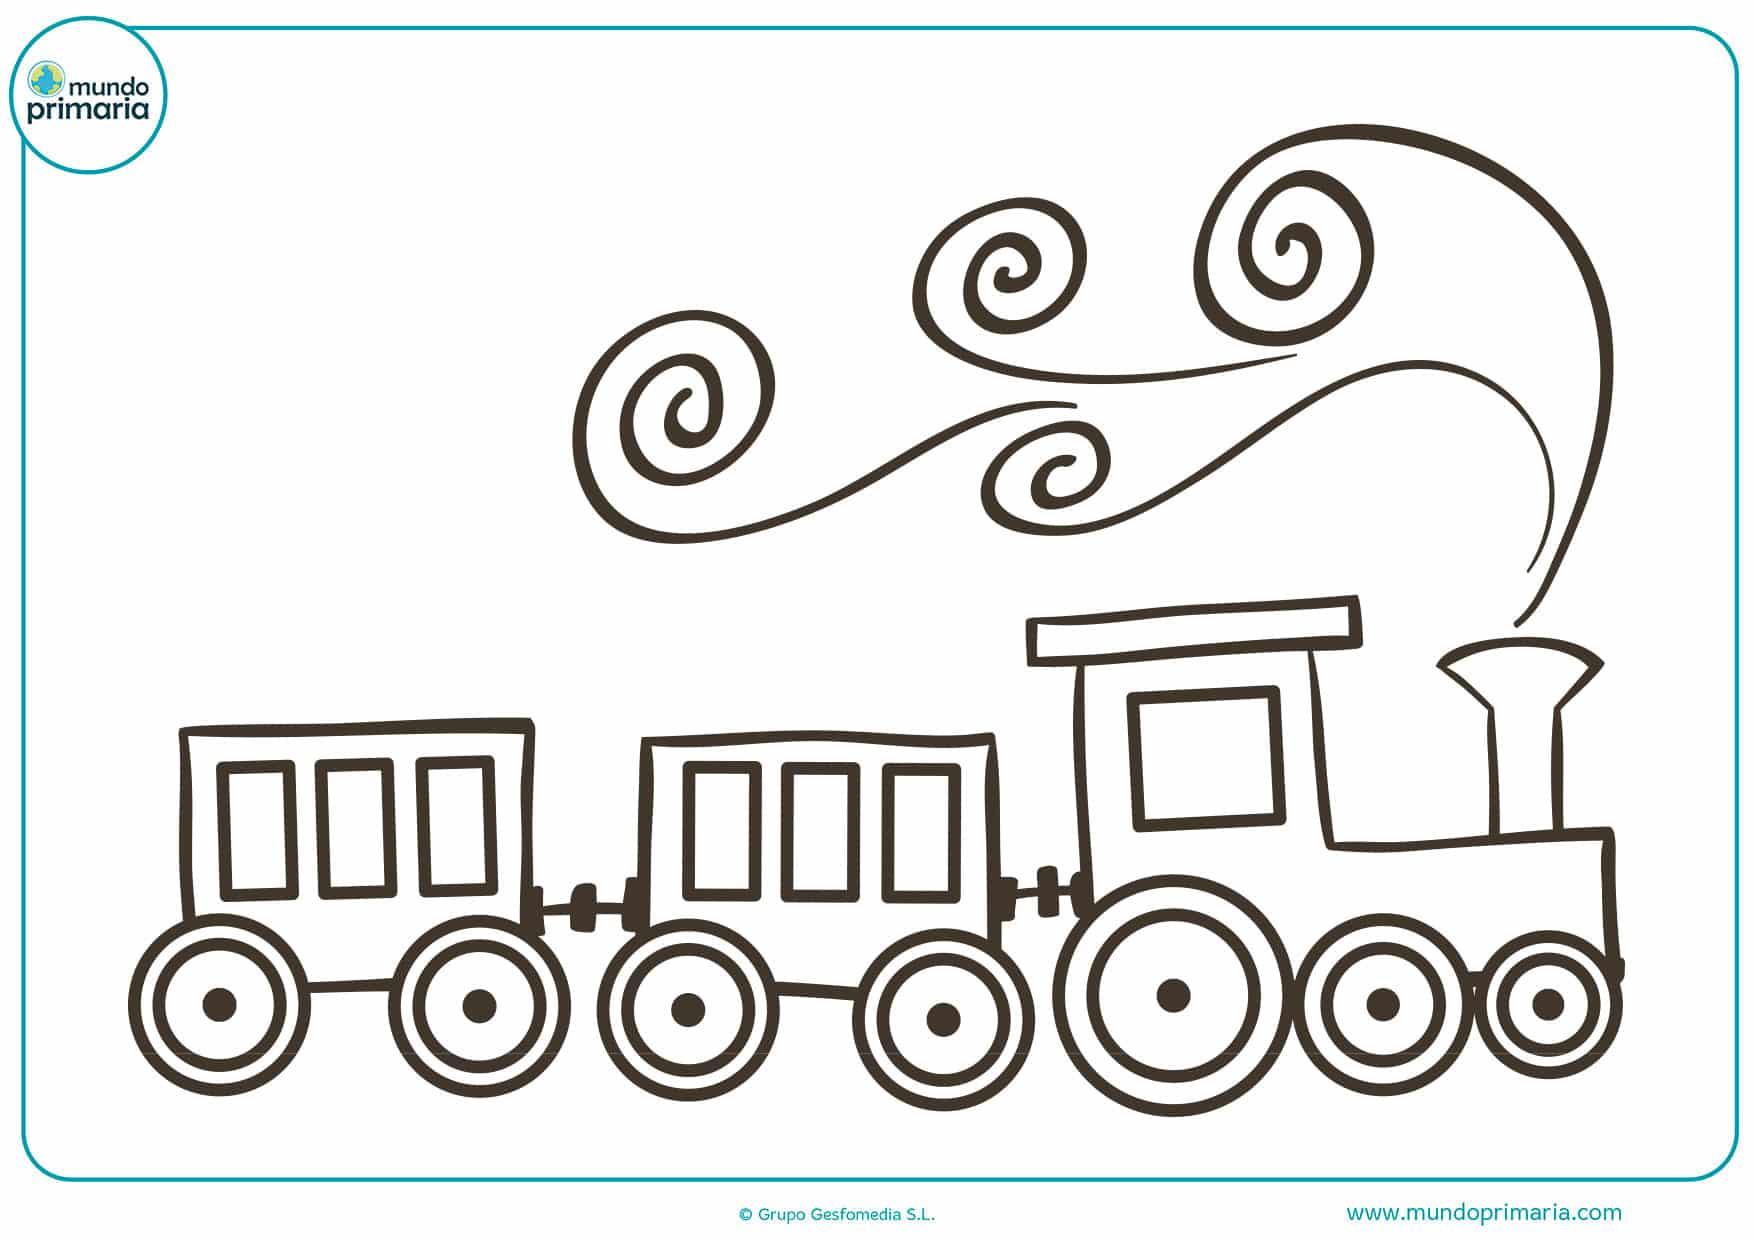 Dibujos de trenes para colorear - Mundo Primaria